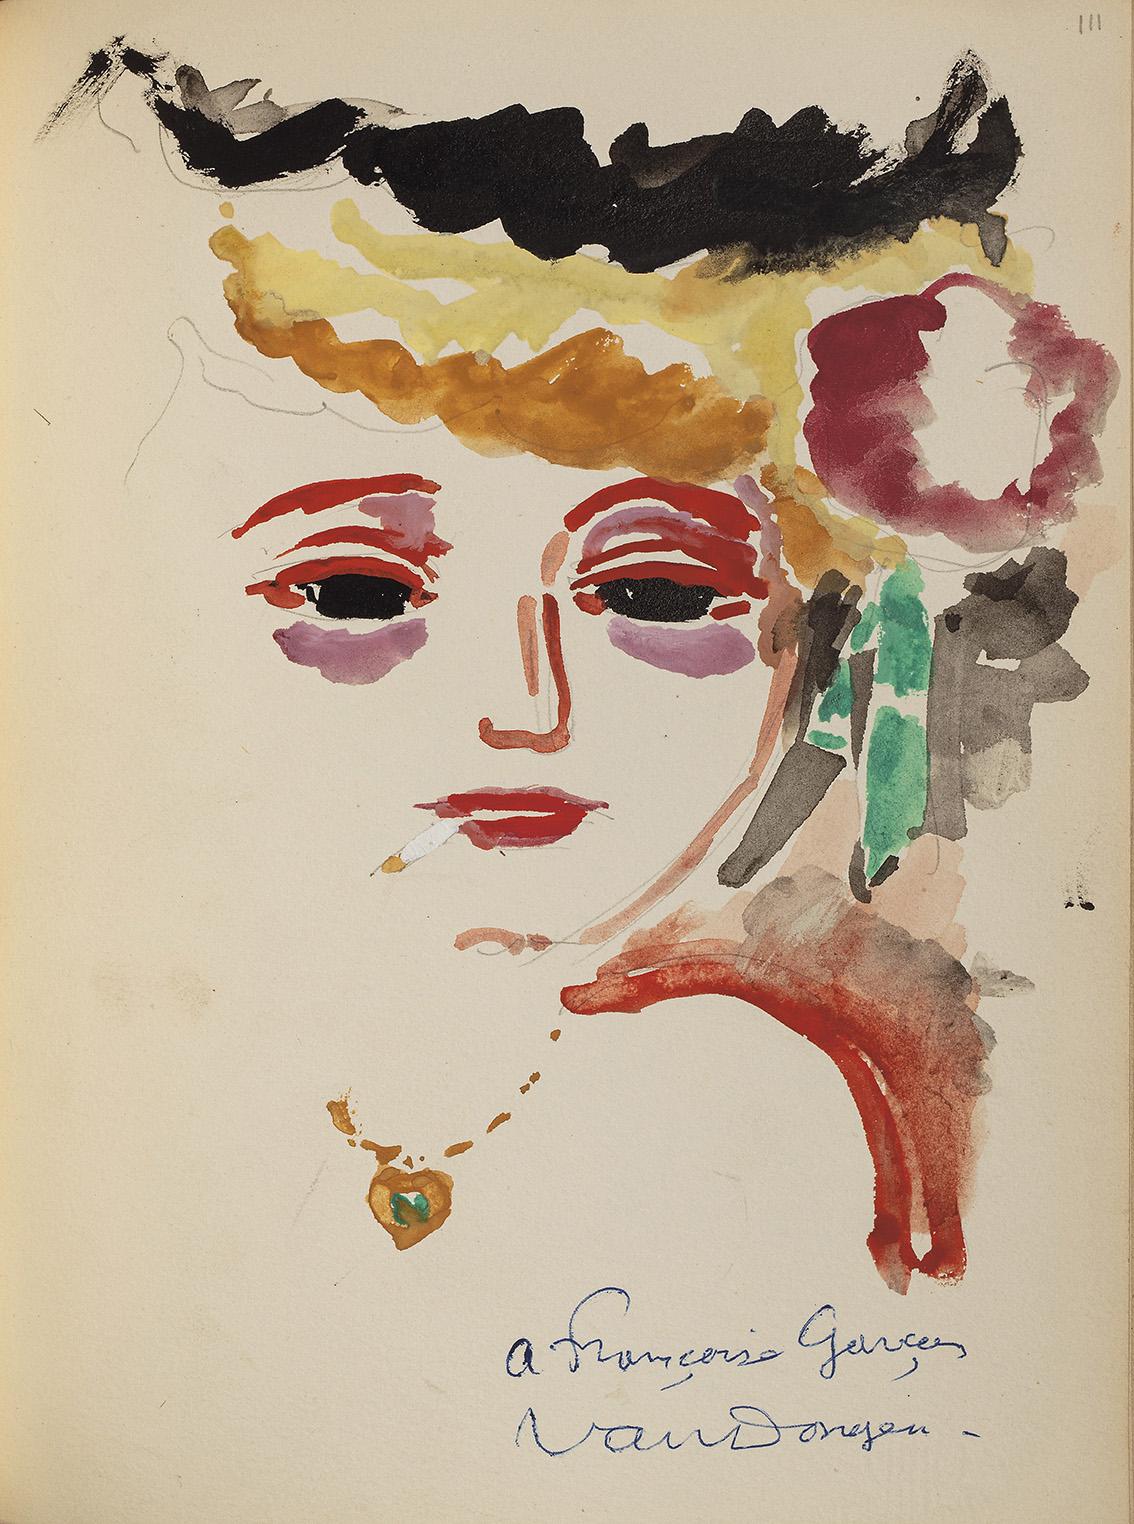 Kees Van Dongen (1877-1968), Portrait, aquarelle, 25,5x19cm (détail), dédicacé au stylo à bille à Françoise Garçon-Lhermitte. (faisant